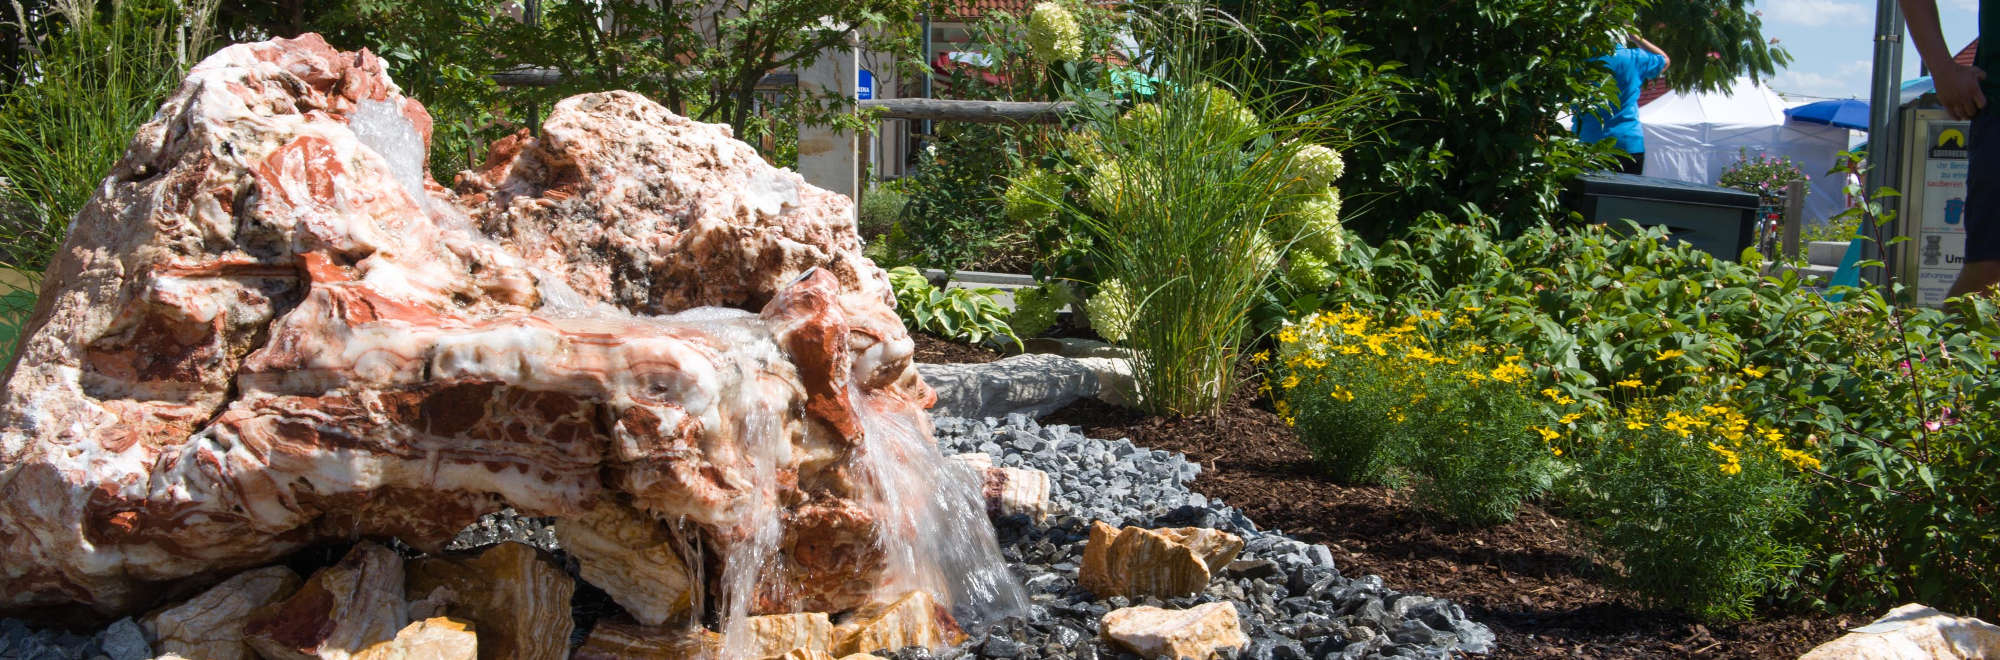 Gartenmarkt, Stein mit Wasser und Bepflanzung